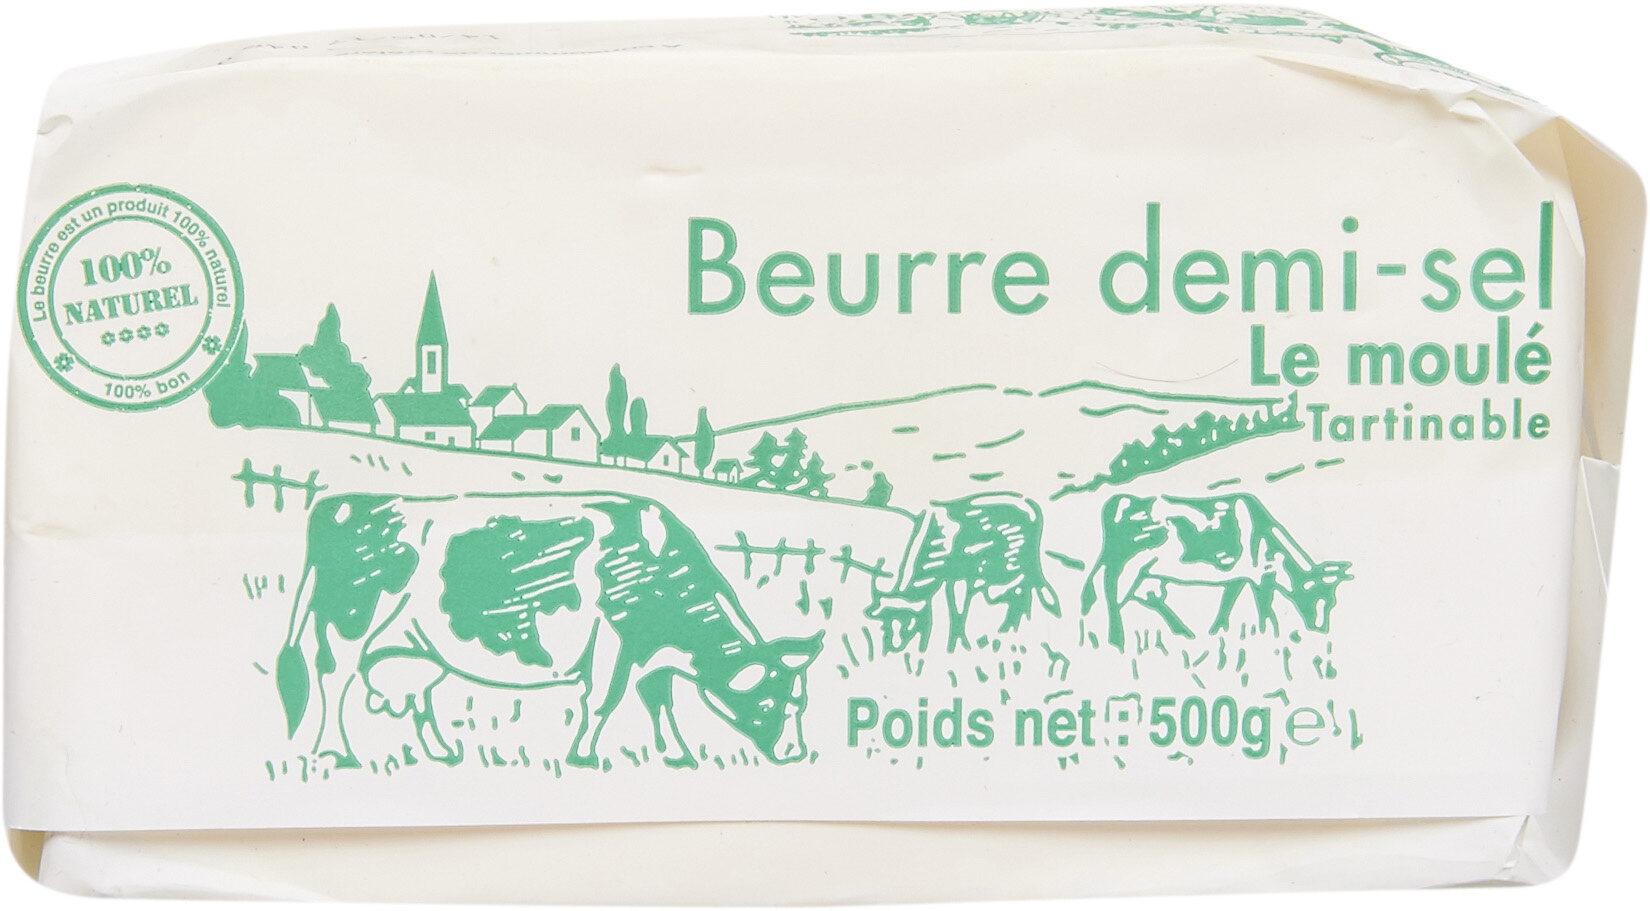 Beurre demi-sel le moulé - Produit - fr